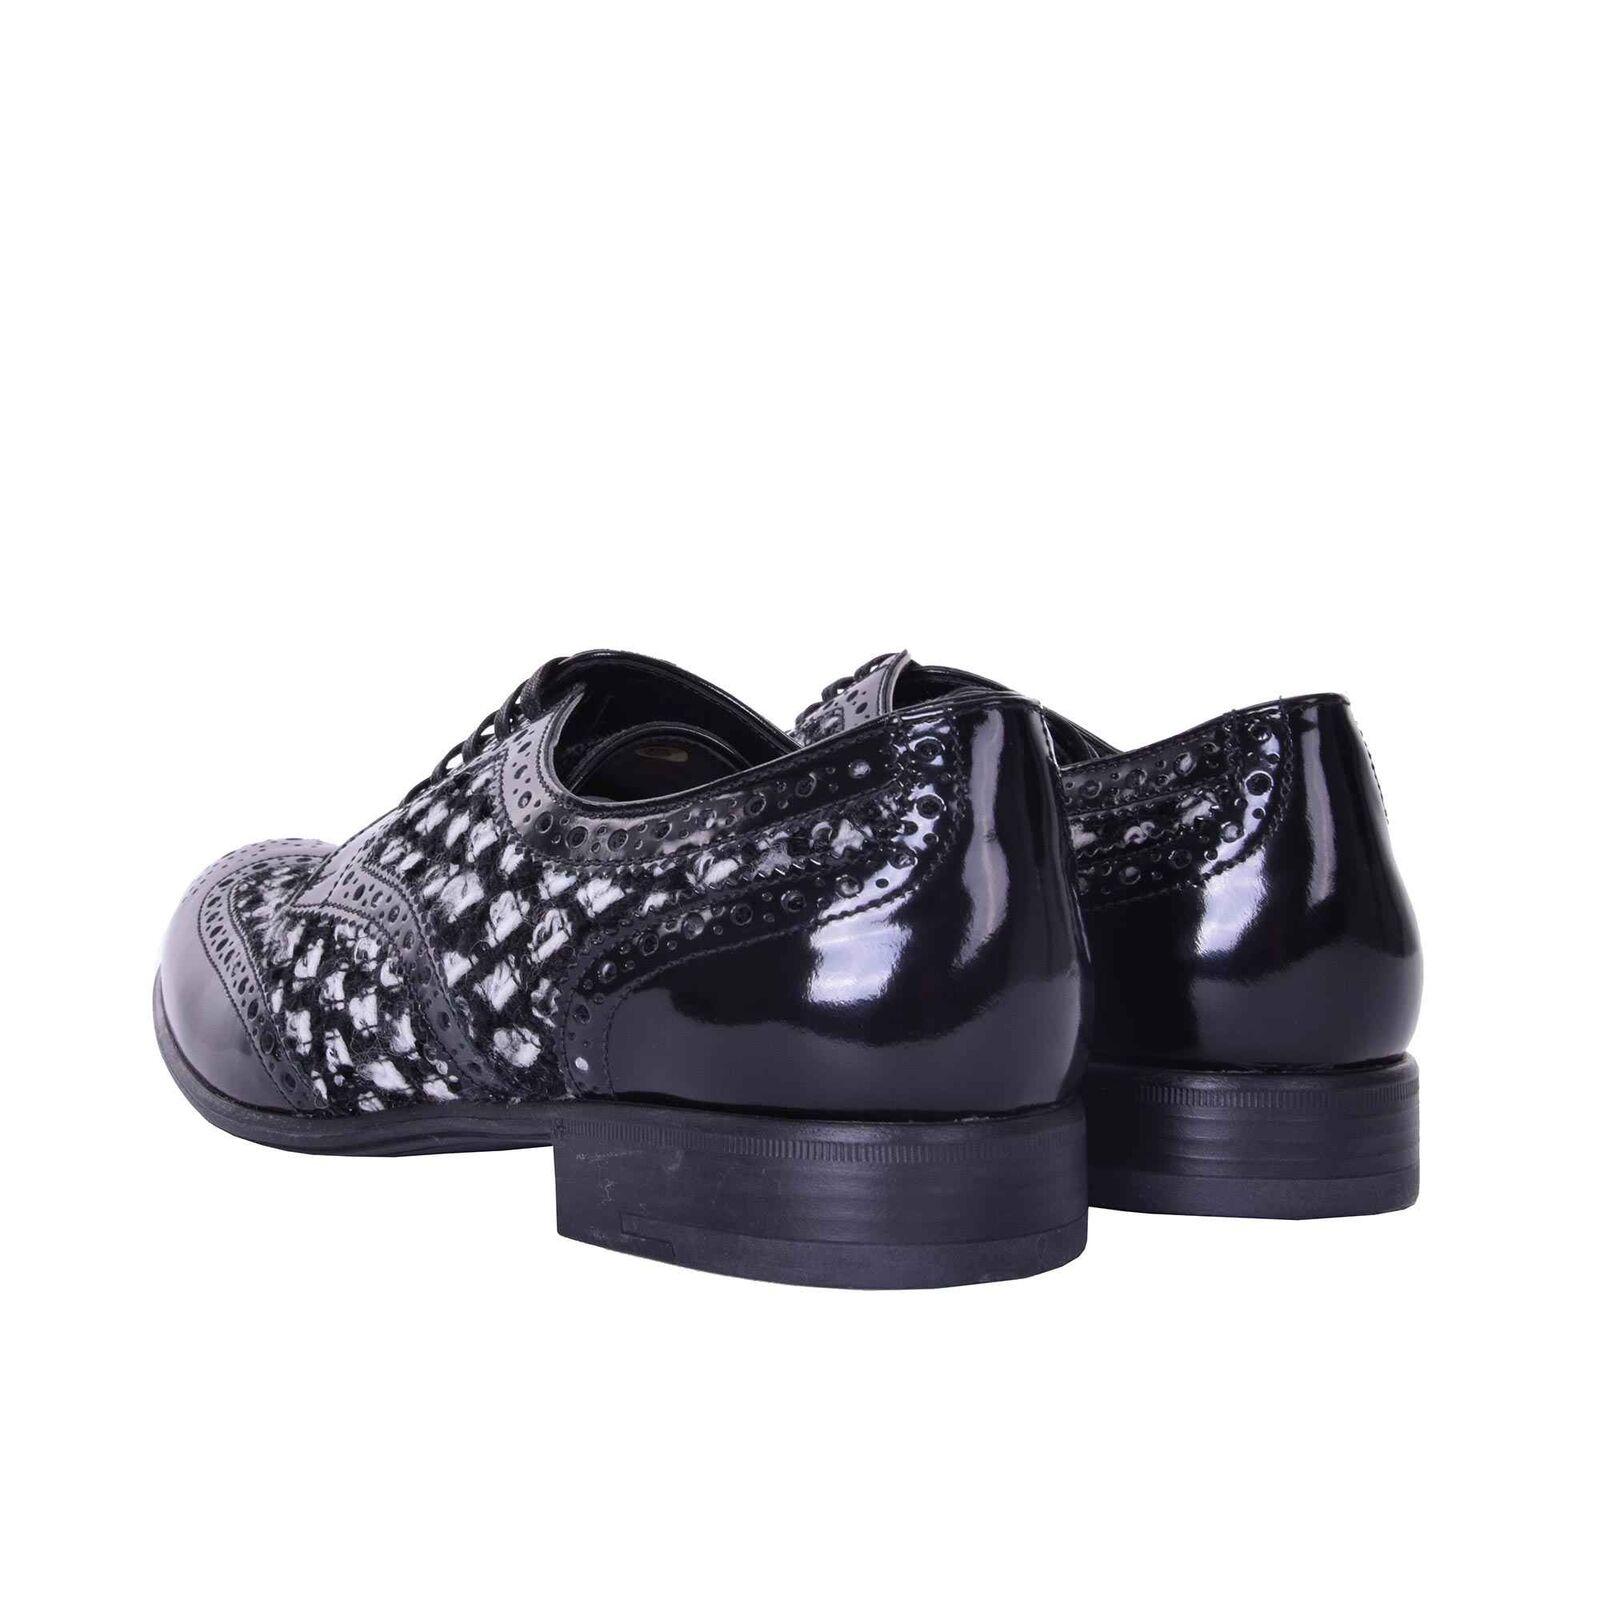 DOLCE & GABBANA Derby Schuhe Schuhe Schuhe BOY aus Leder und Boucle Schwarz Schuhes 06191 f8bfee